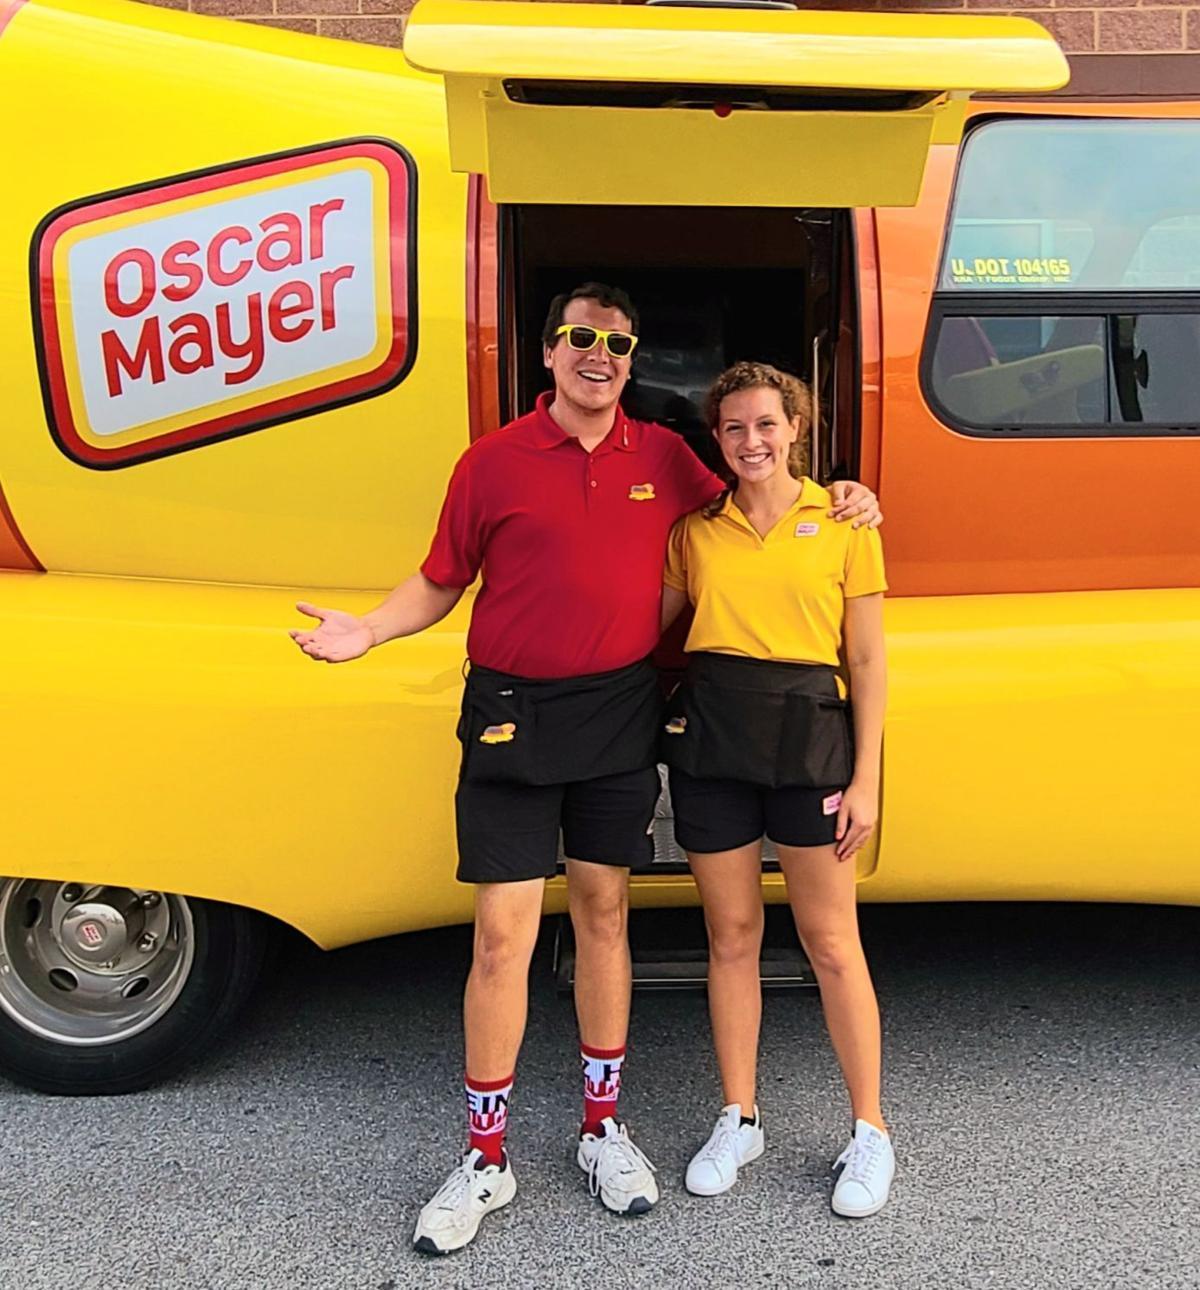 Wienermobile employees